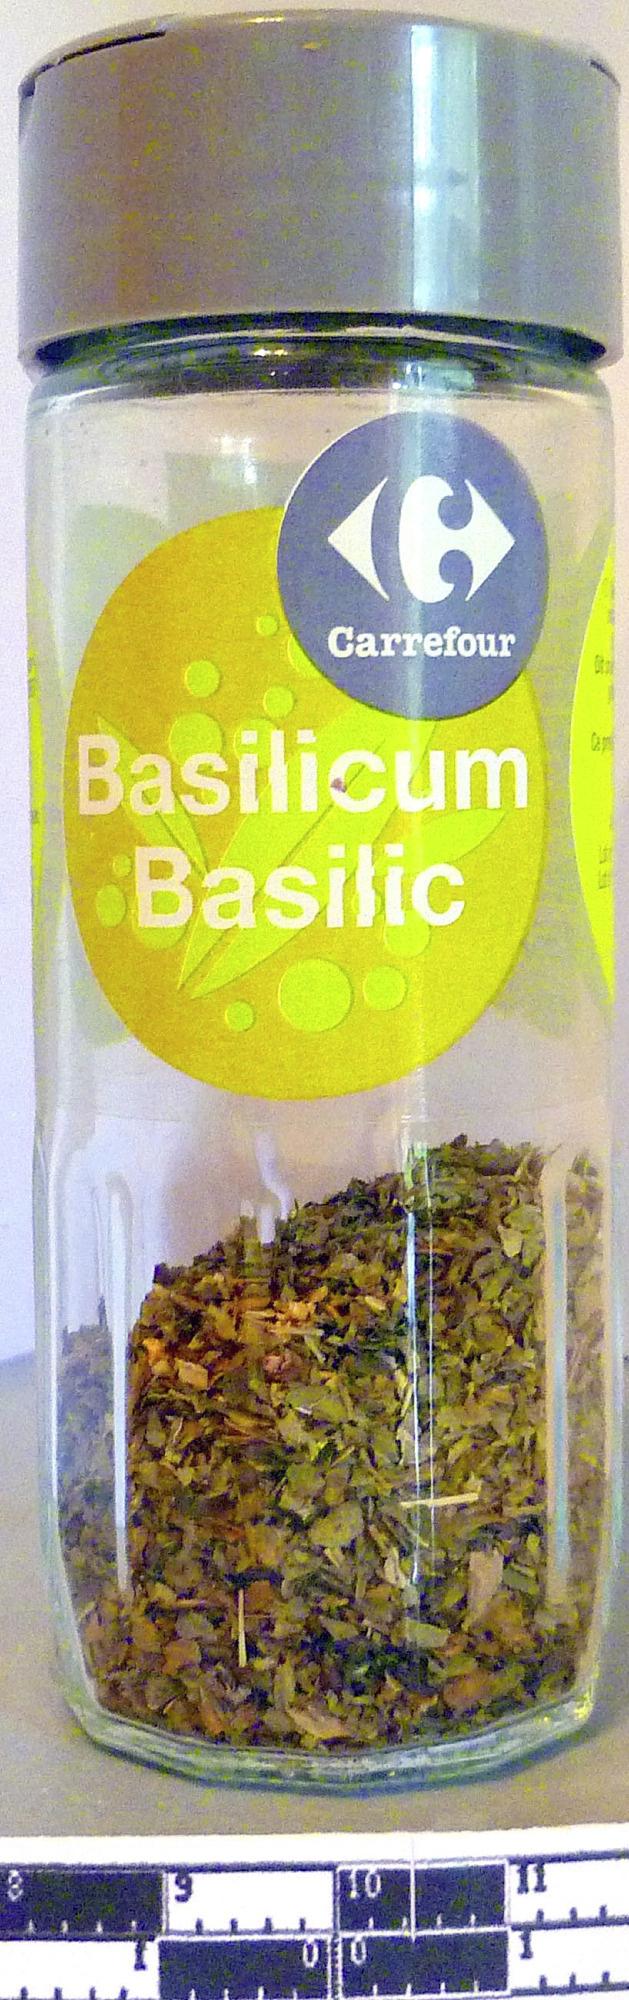 Basilic - Product - fr